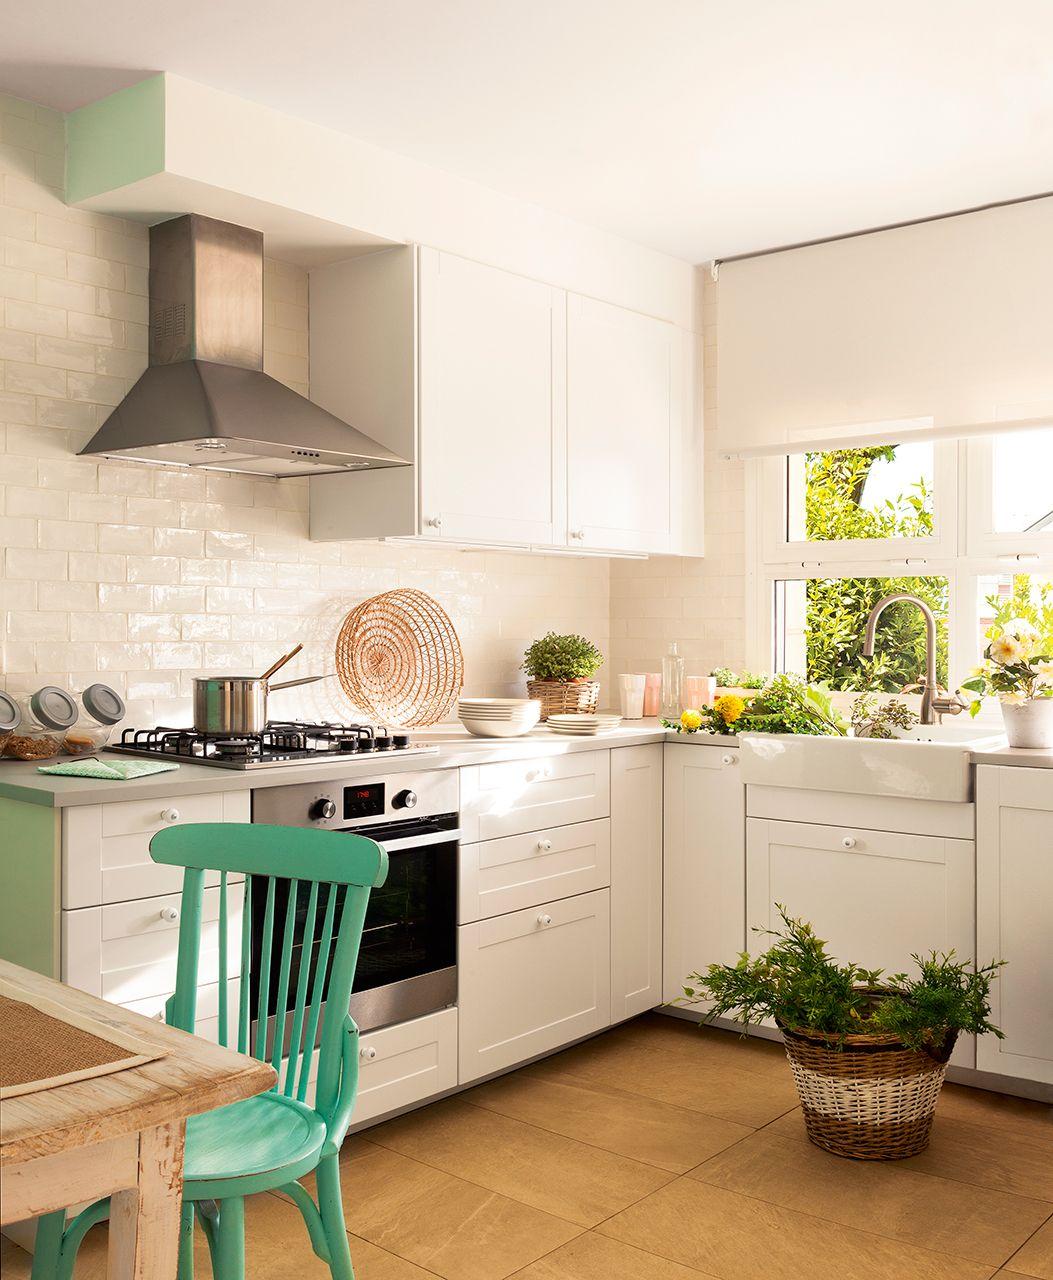 Y la luz se multiplic cocinas cocinas peque as - Imagenes de cocinas modernas ...